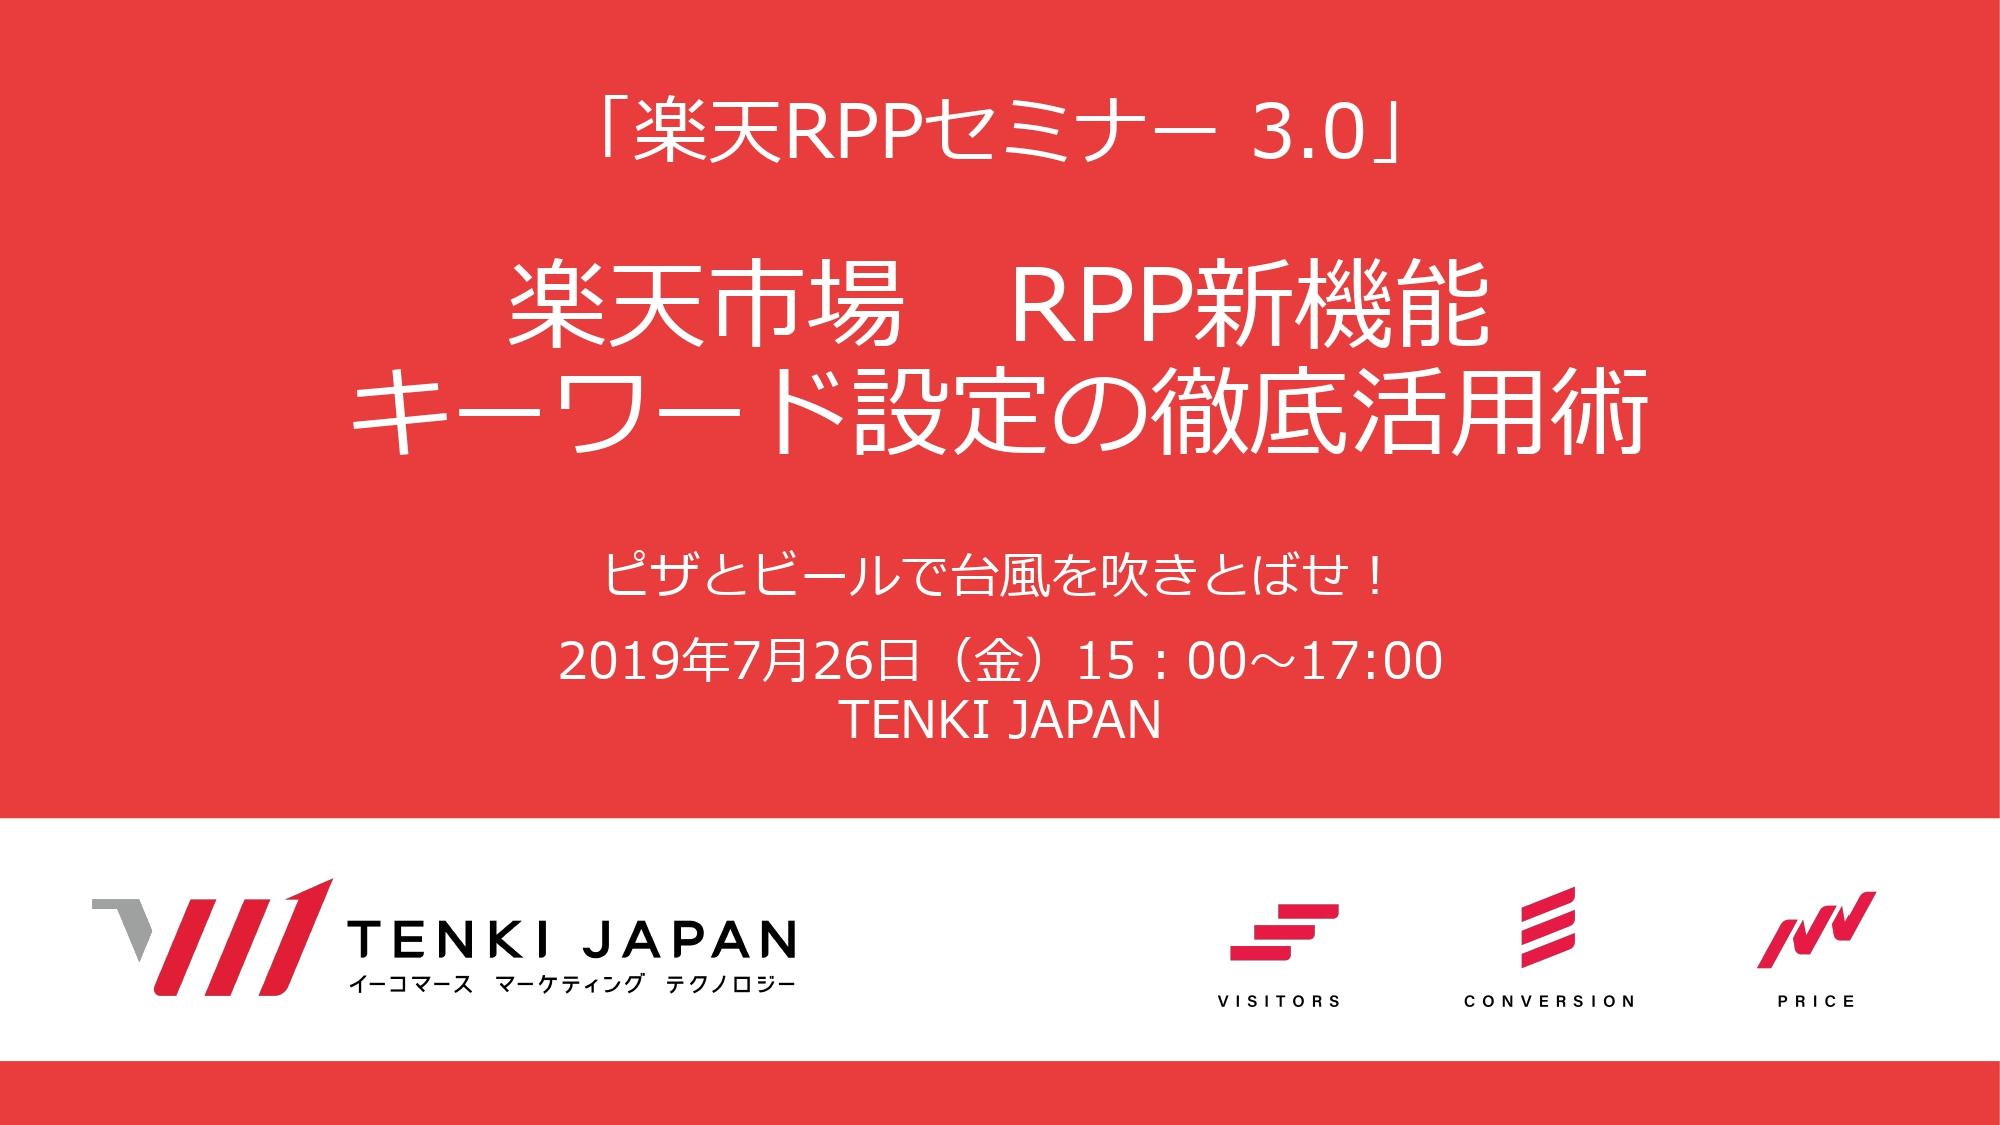 楽天RPPセミナー 3.0 藤沢